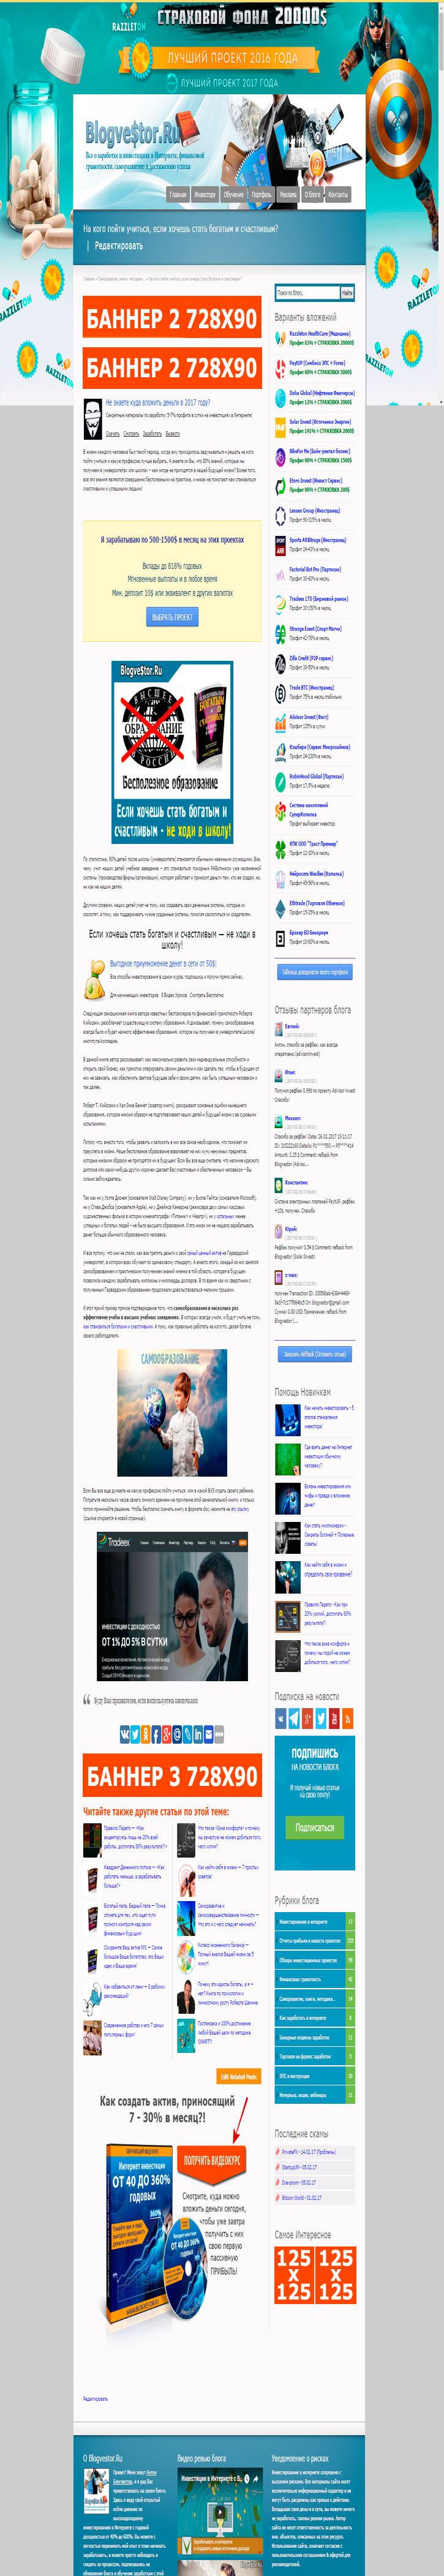 reklama-bg-primer-nachalo-konec-sajdbar